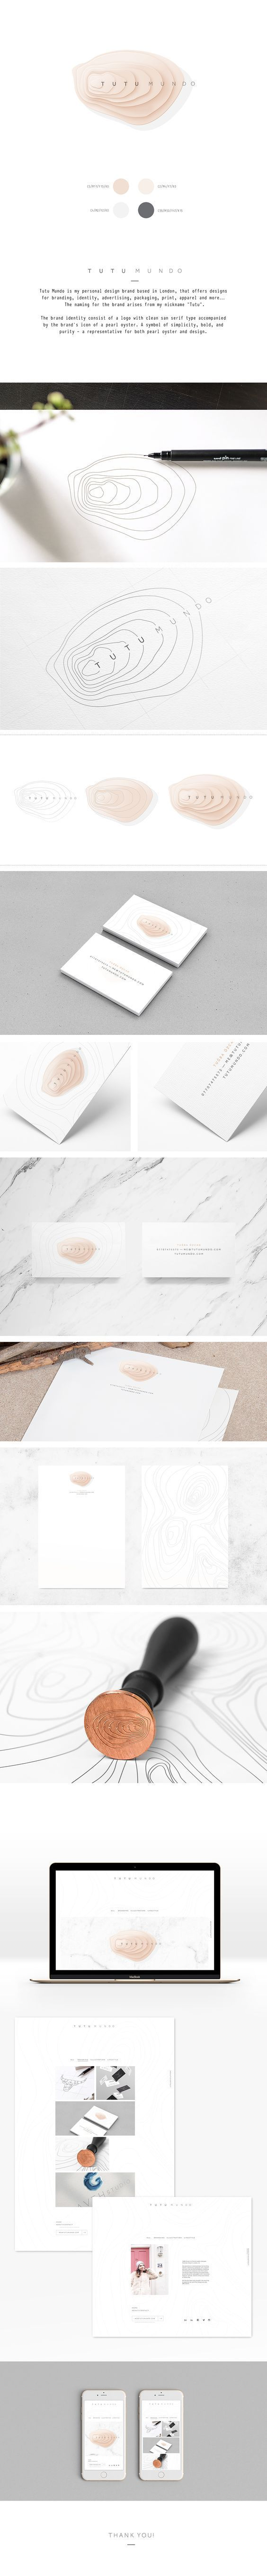 Tutu Mundo Branding on Behance | Fivestar Branding – Design and Branding Agency & Inspiration Gallery